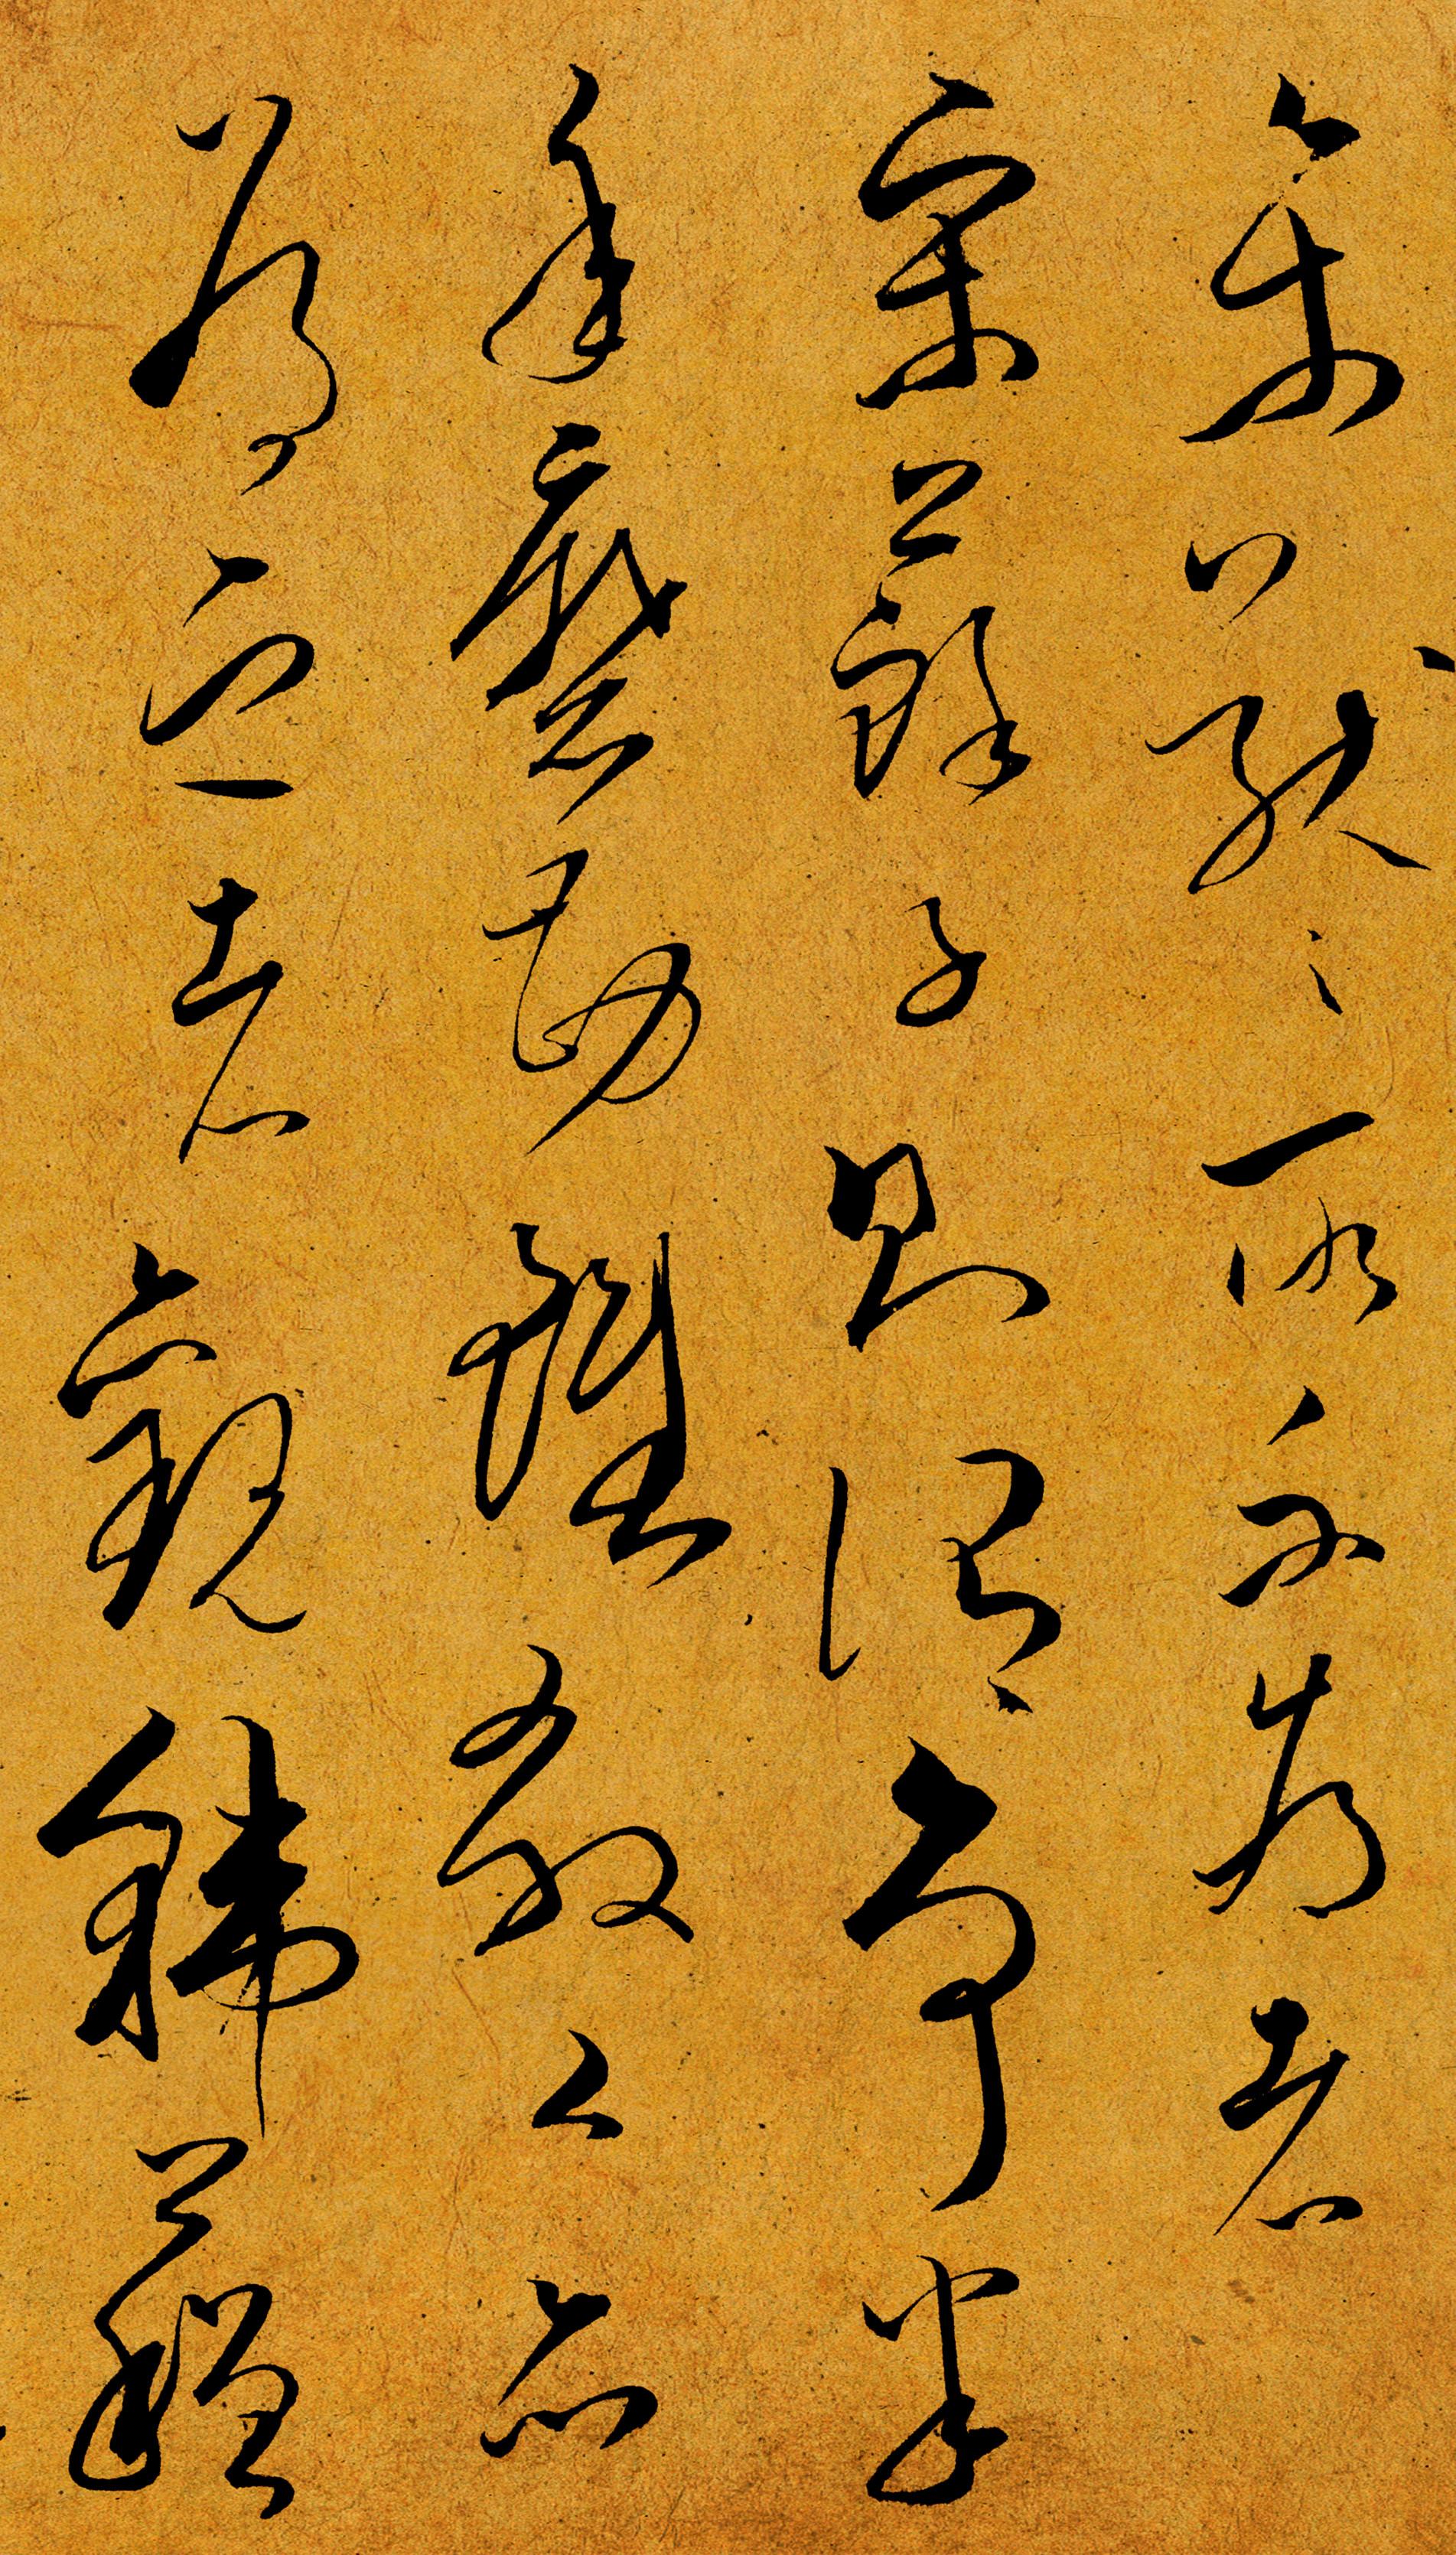 一位大英雄写的草书,笔笔如刀,这字写出了中国的骨气